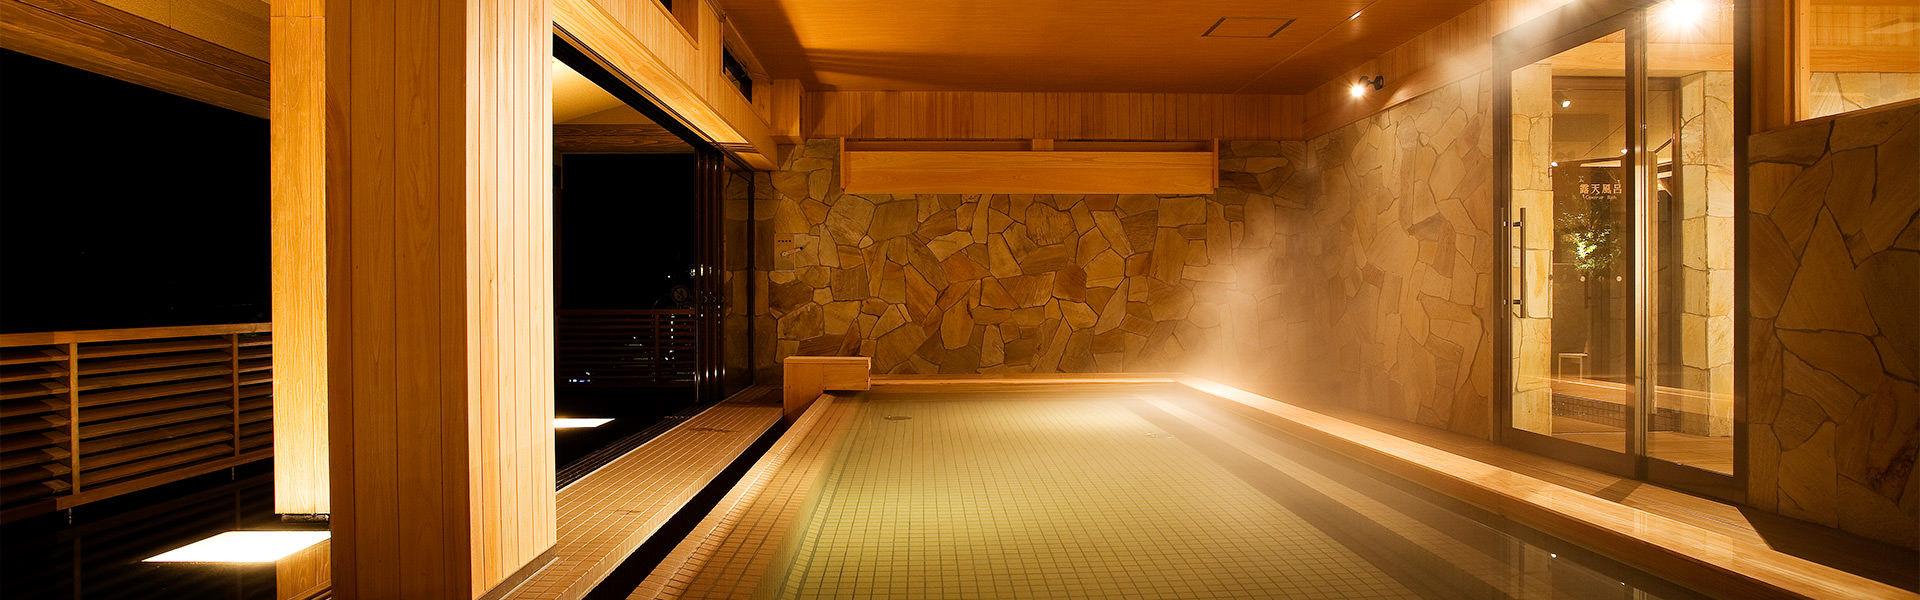 淡路島おすすめ温泉&銭湯!日帰りから人気の旅館まで!絶景が楽しめる施設を紹介